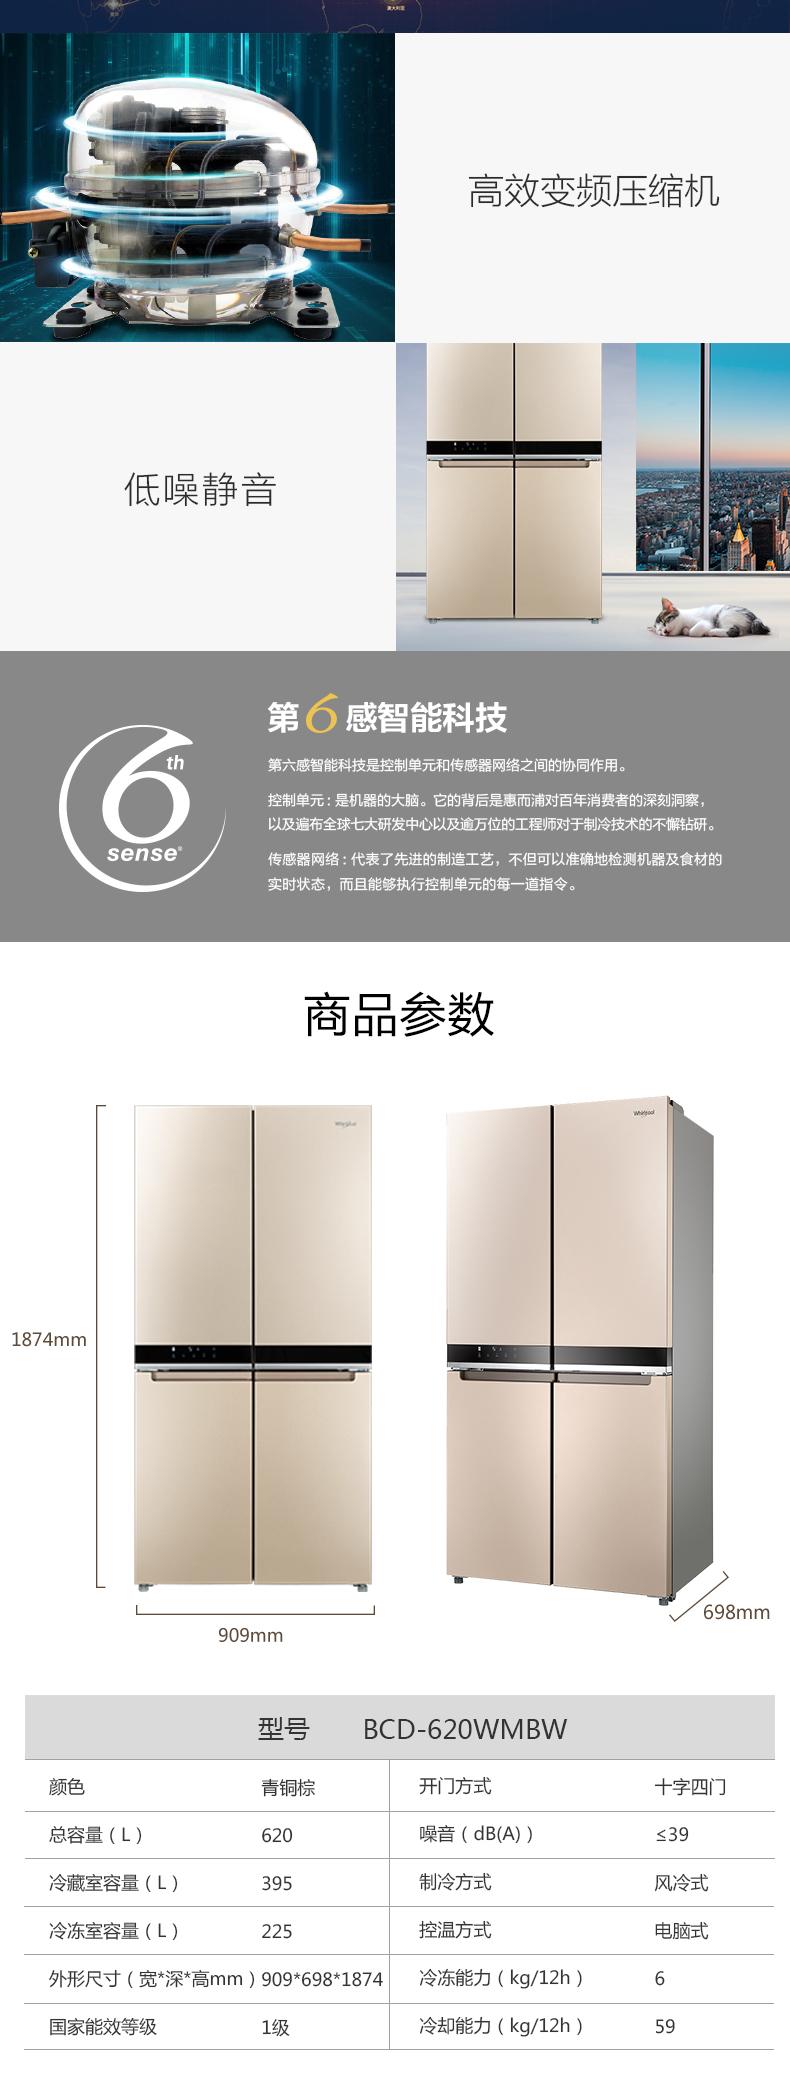 【苏宁专供】惠而浦(Whirlpool)冰箱BCD-620WMBW青铜棕